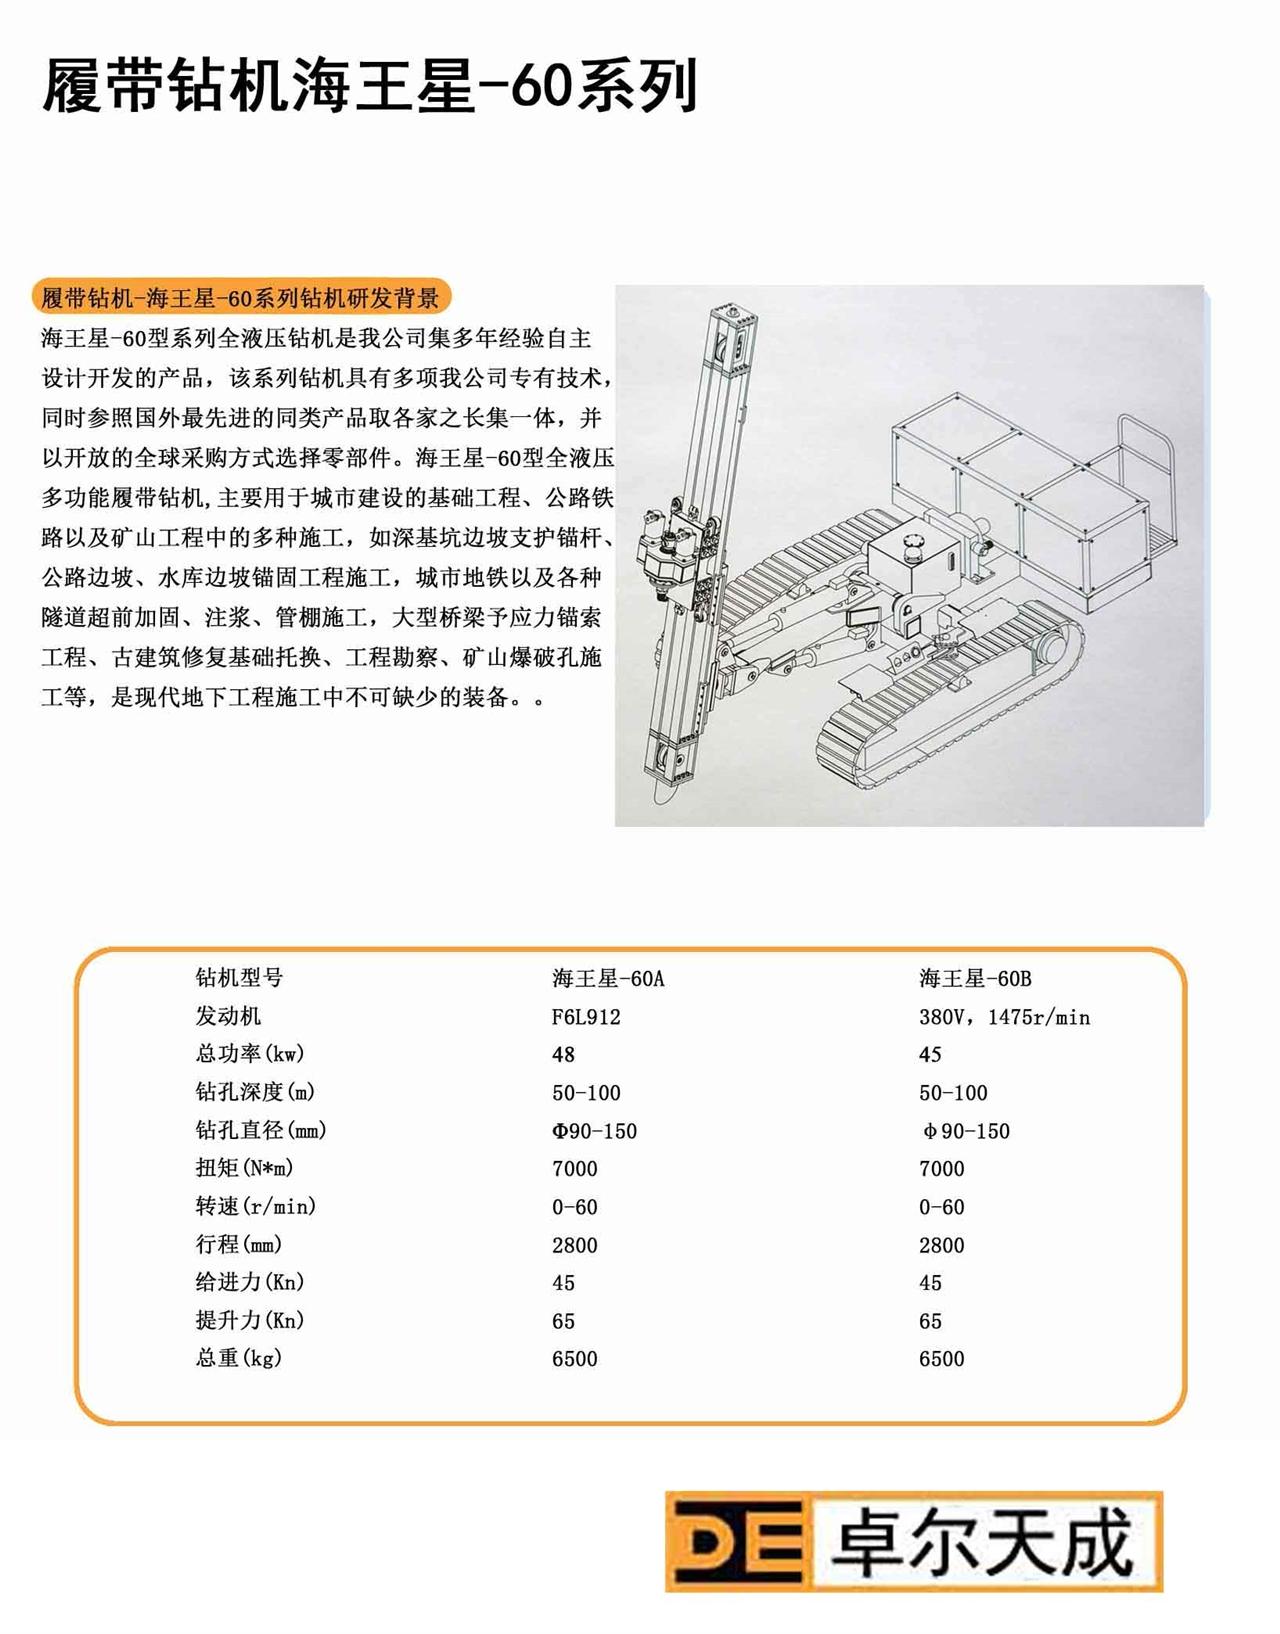 海王星-60型钻机